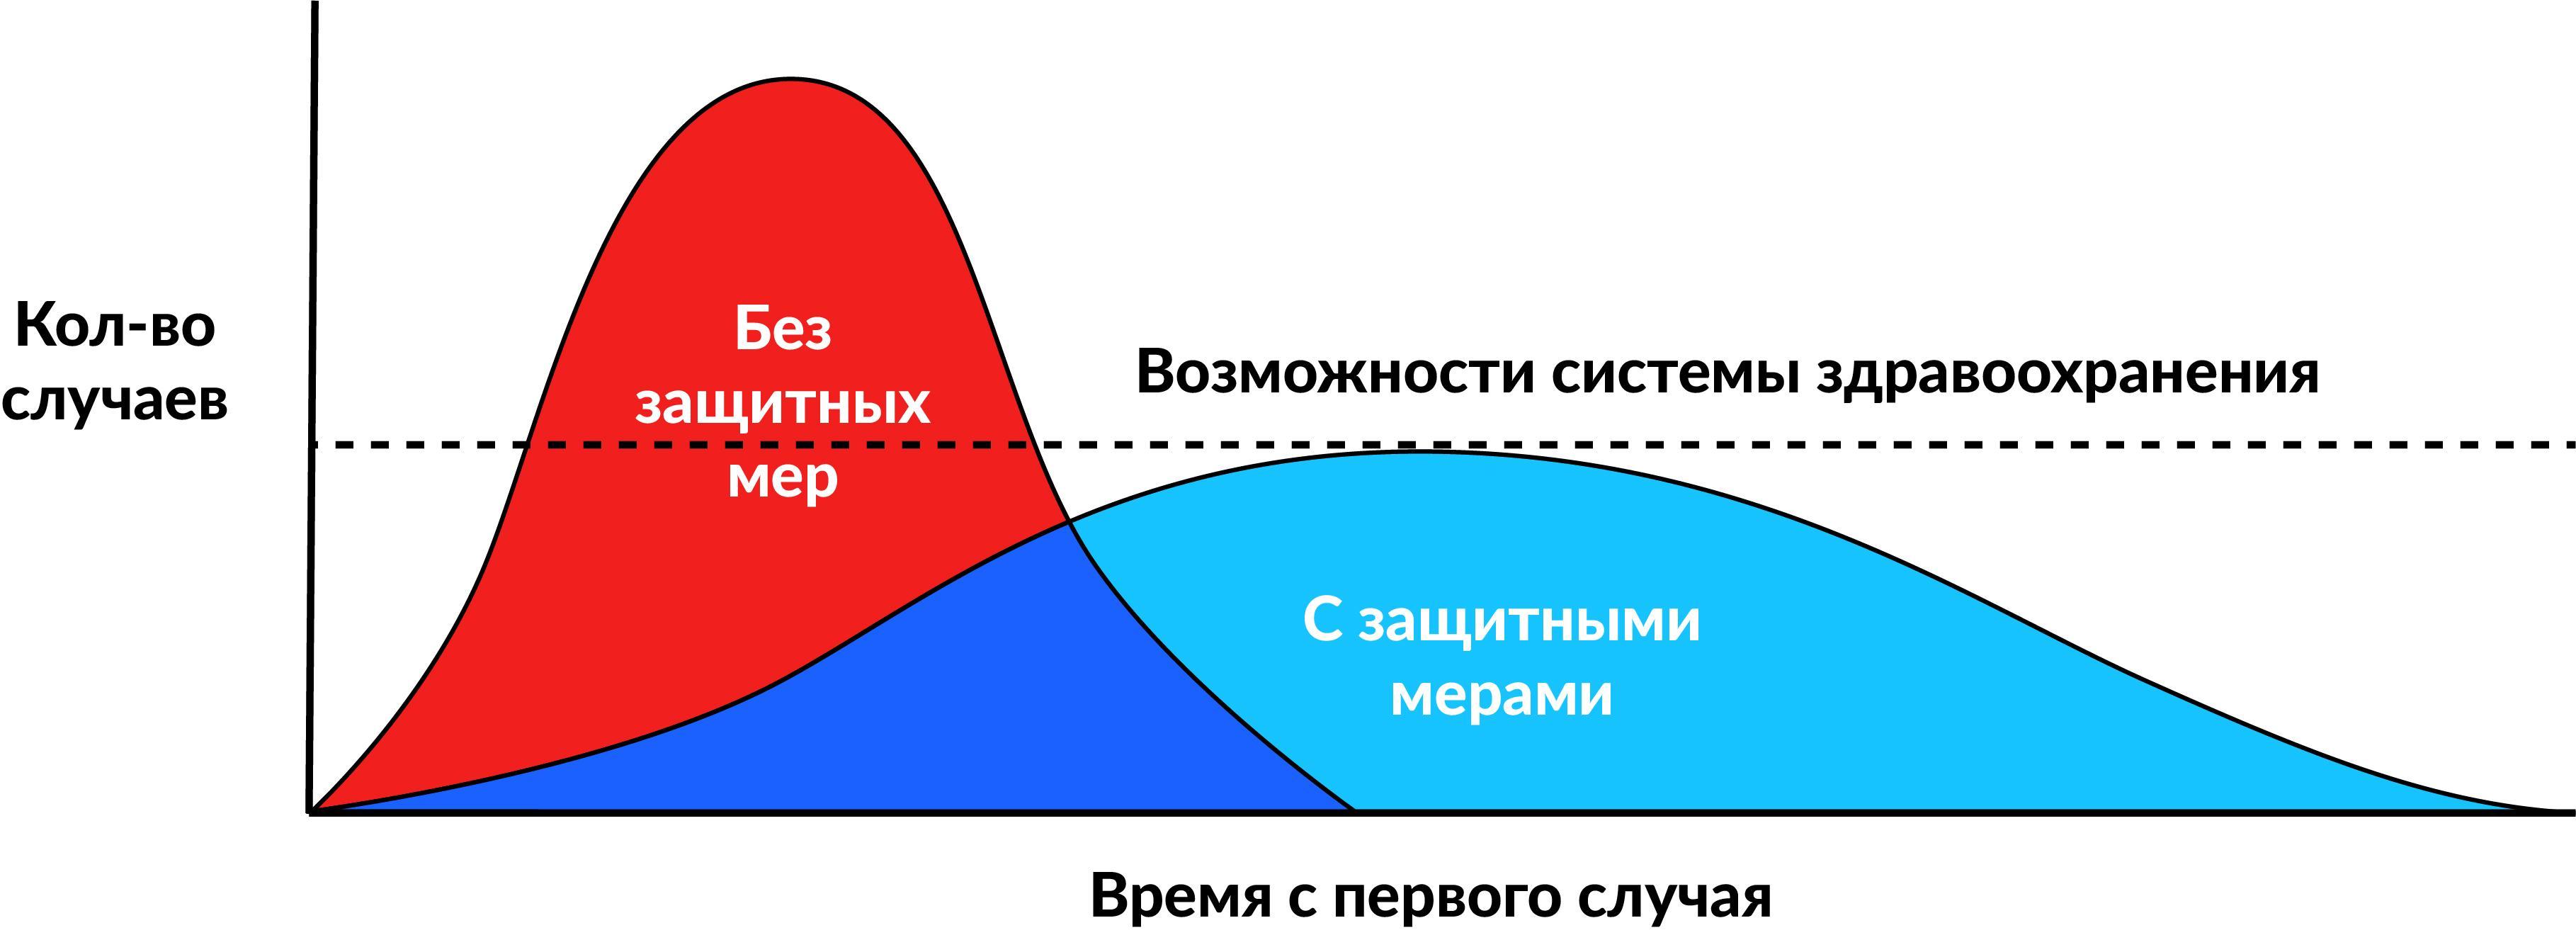 COVID-19, общество и вы — с точки зрения анализа данных